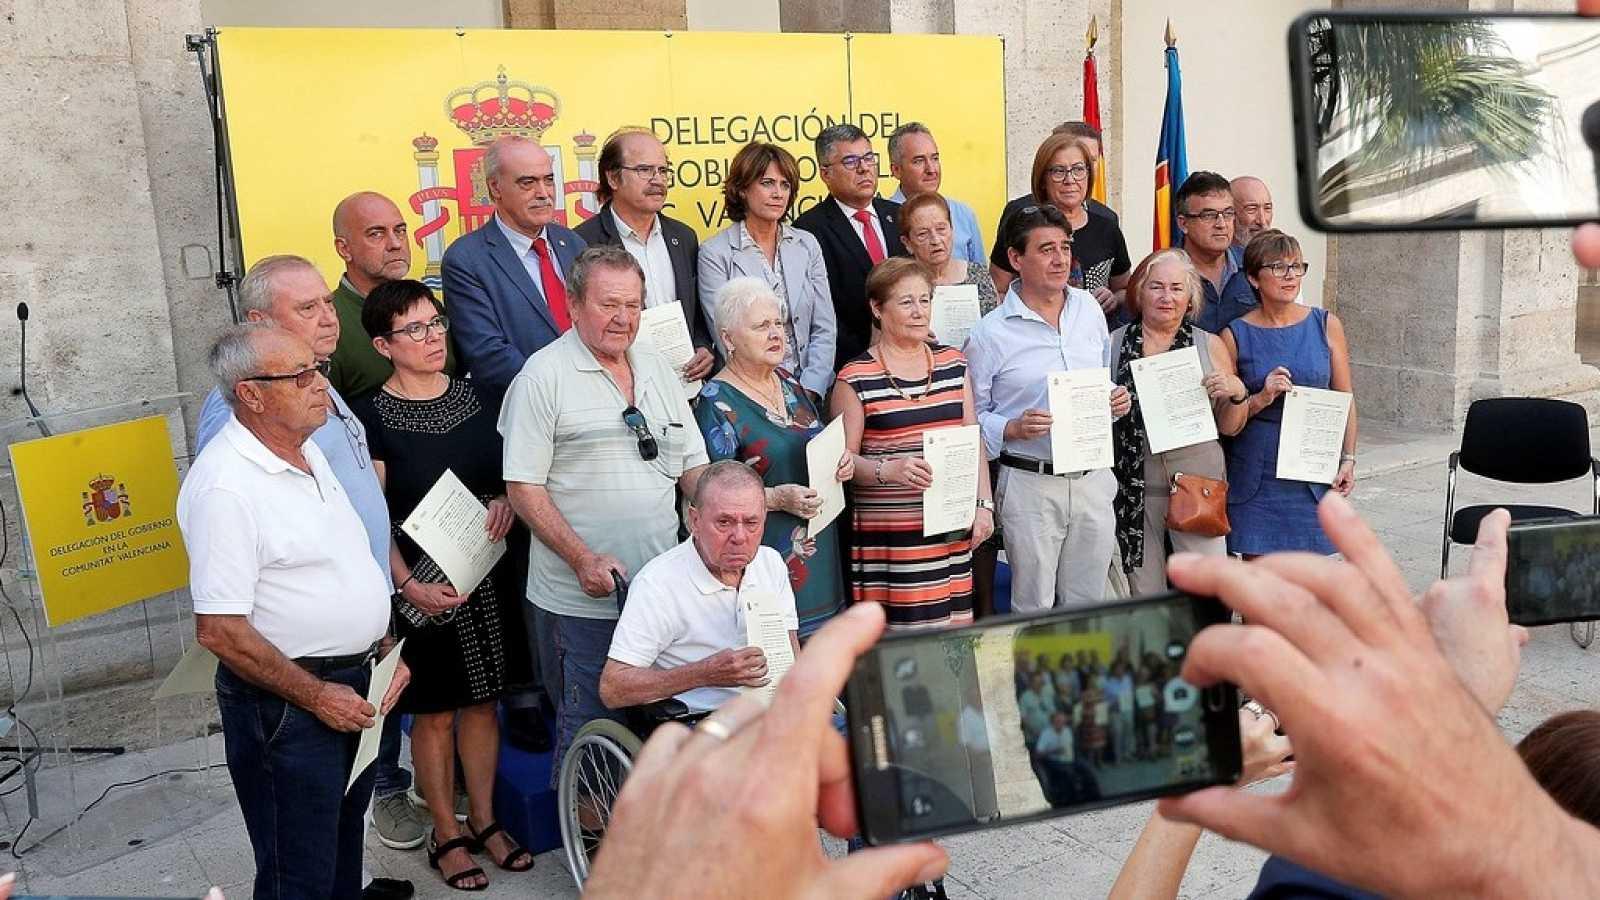 España en 24 horas - 26/09/19  - ver ahora